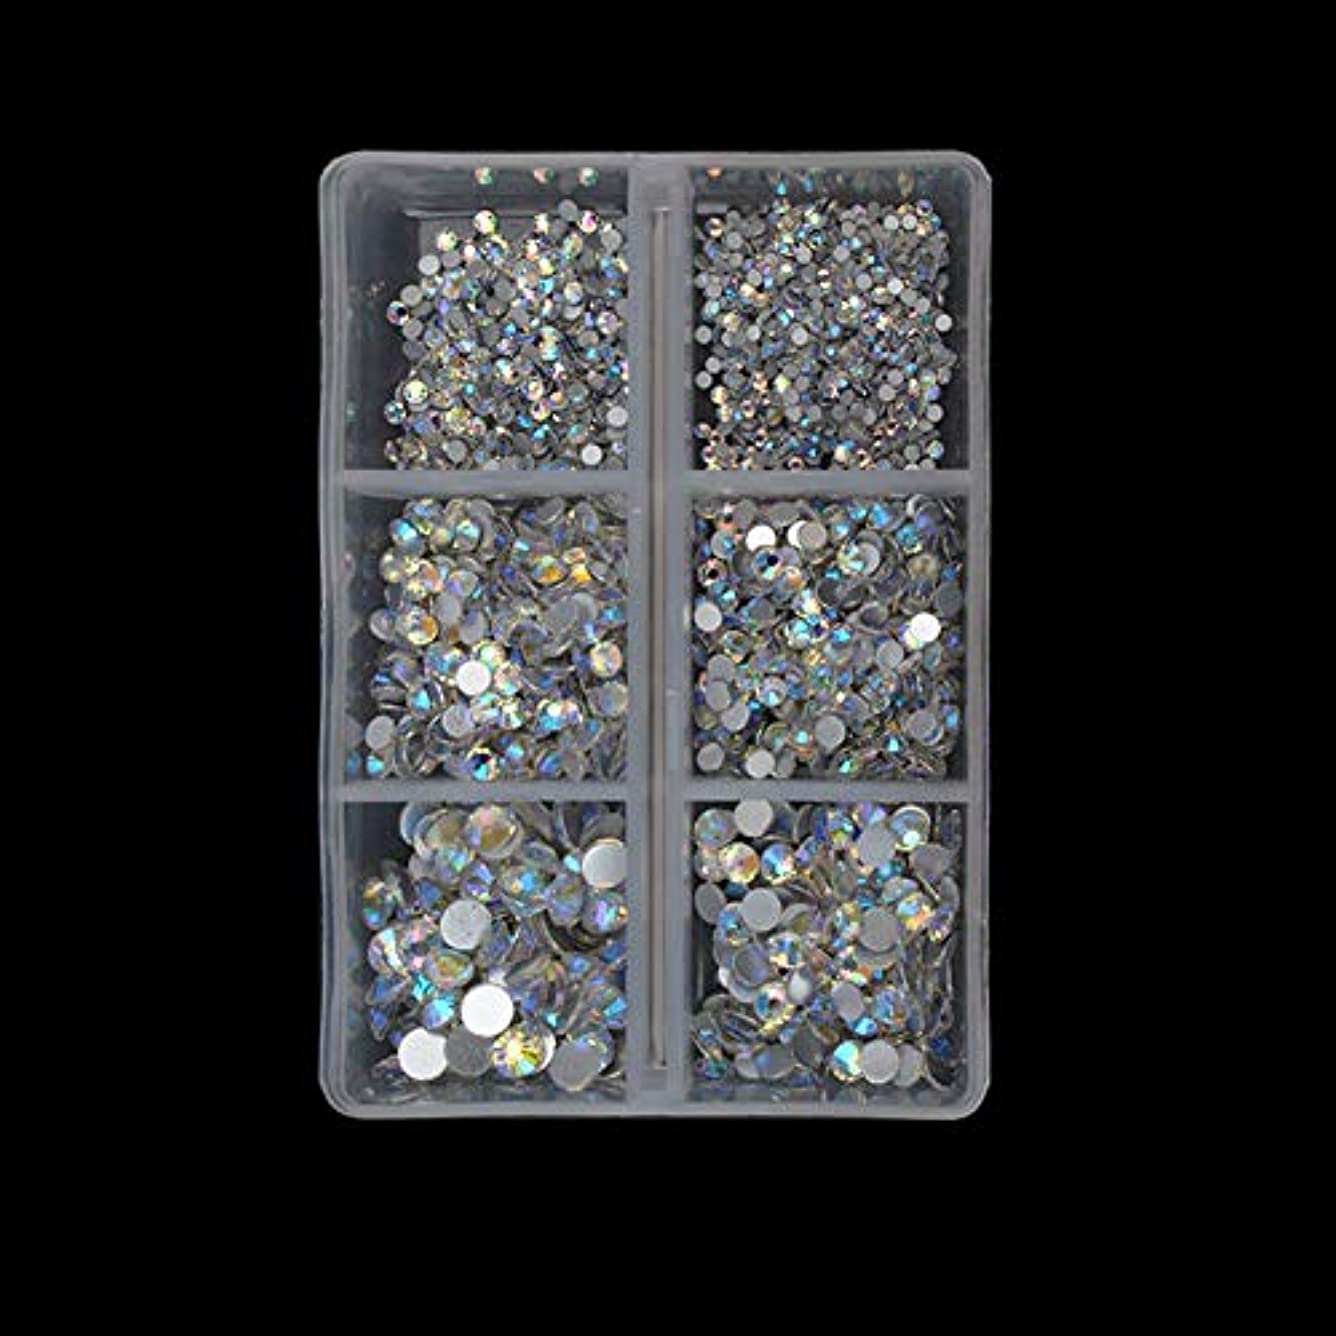 詳細なメイエラ拡張ACHICOO ネイルラインストーン UVネイルポリッシュ ネイルジュエリー用 6グリッド/セット キラキラ ガラス 可愛い 手作りネイル   14箱入り